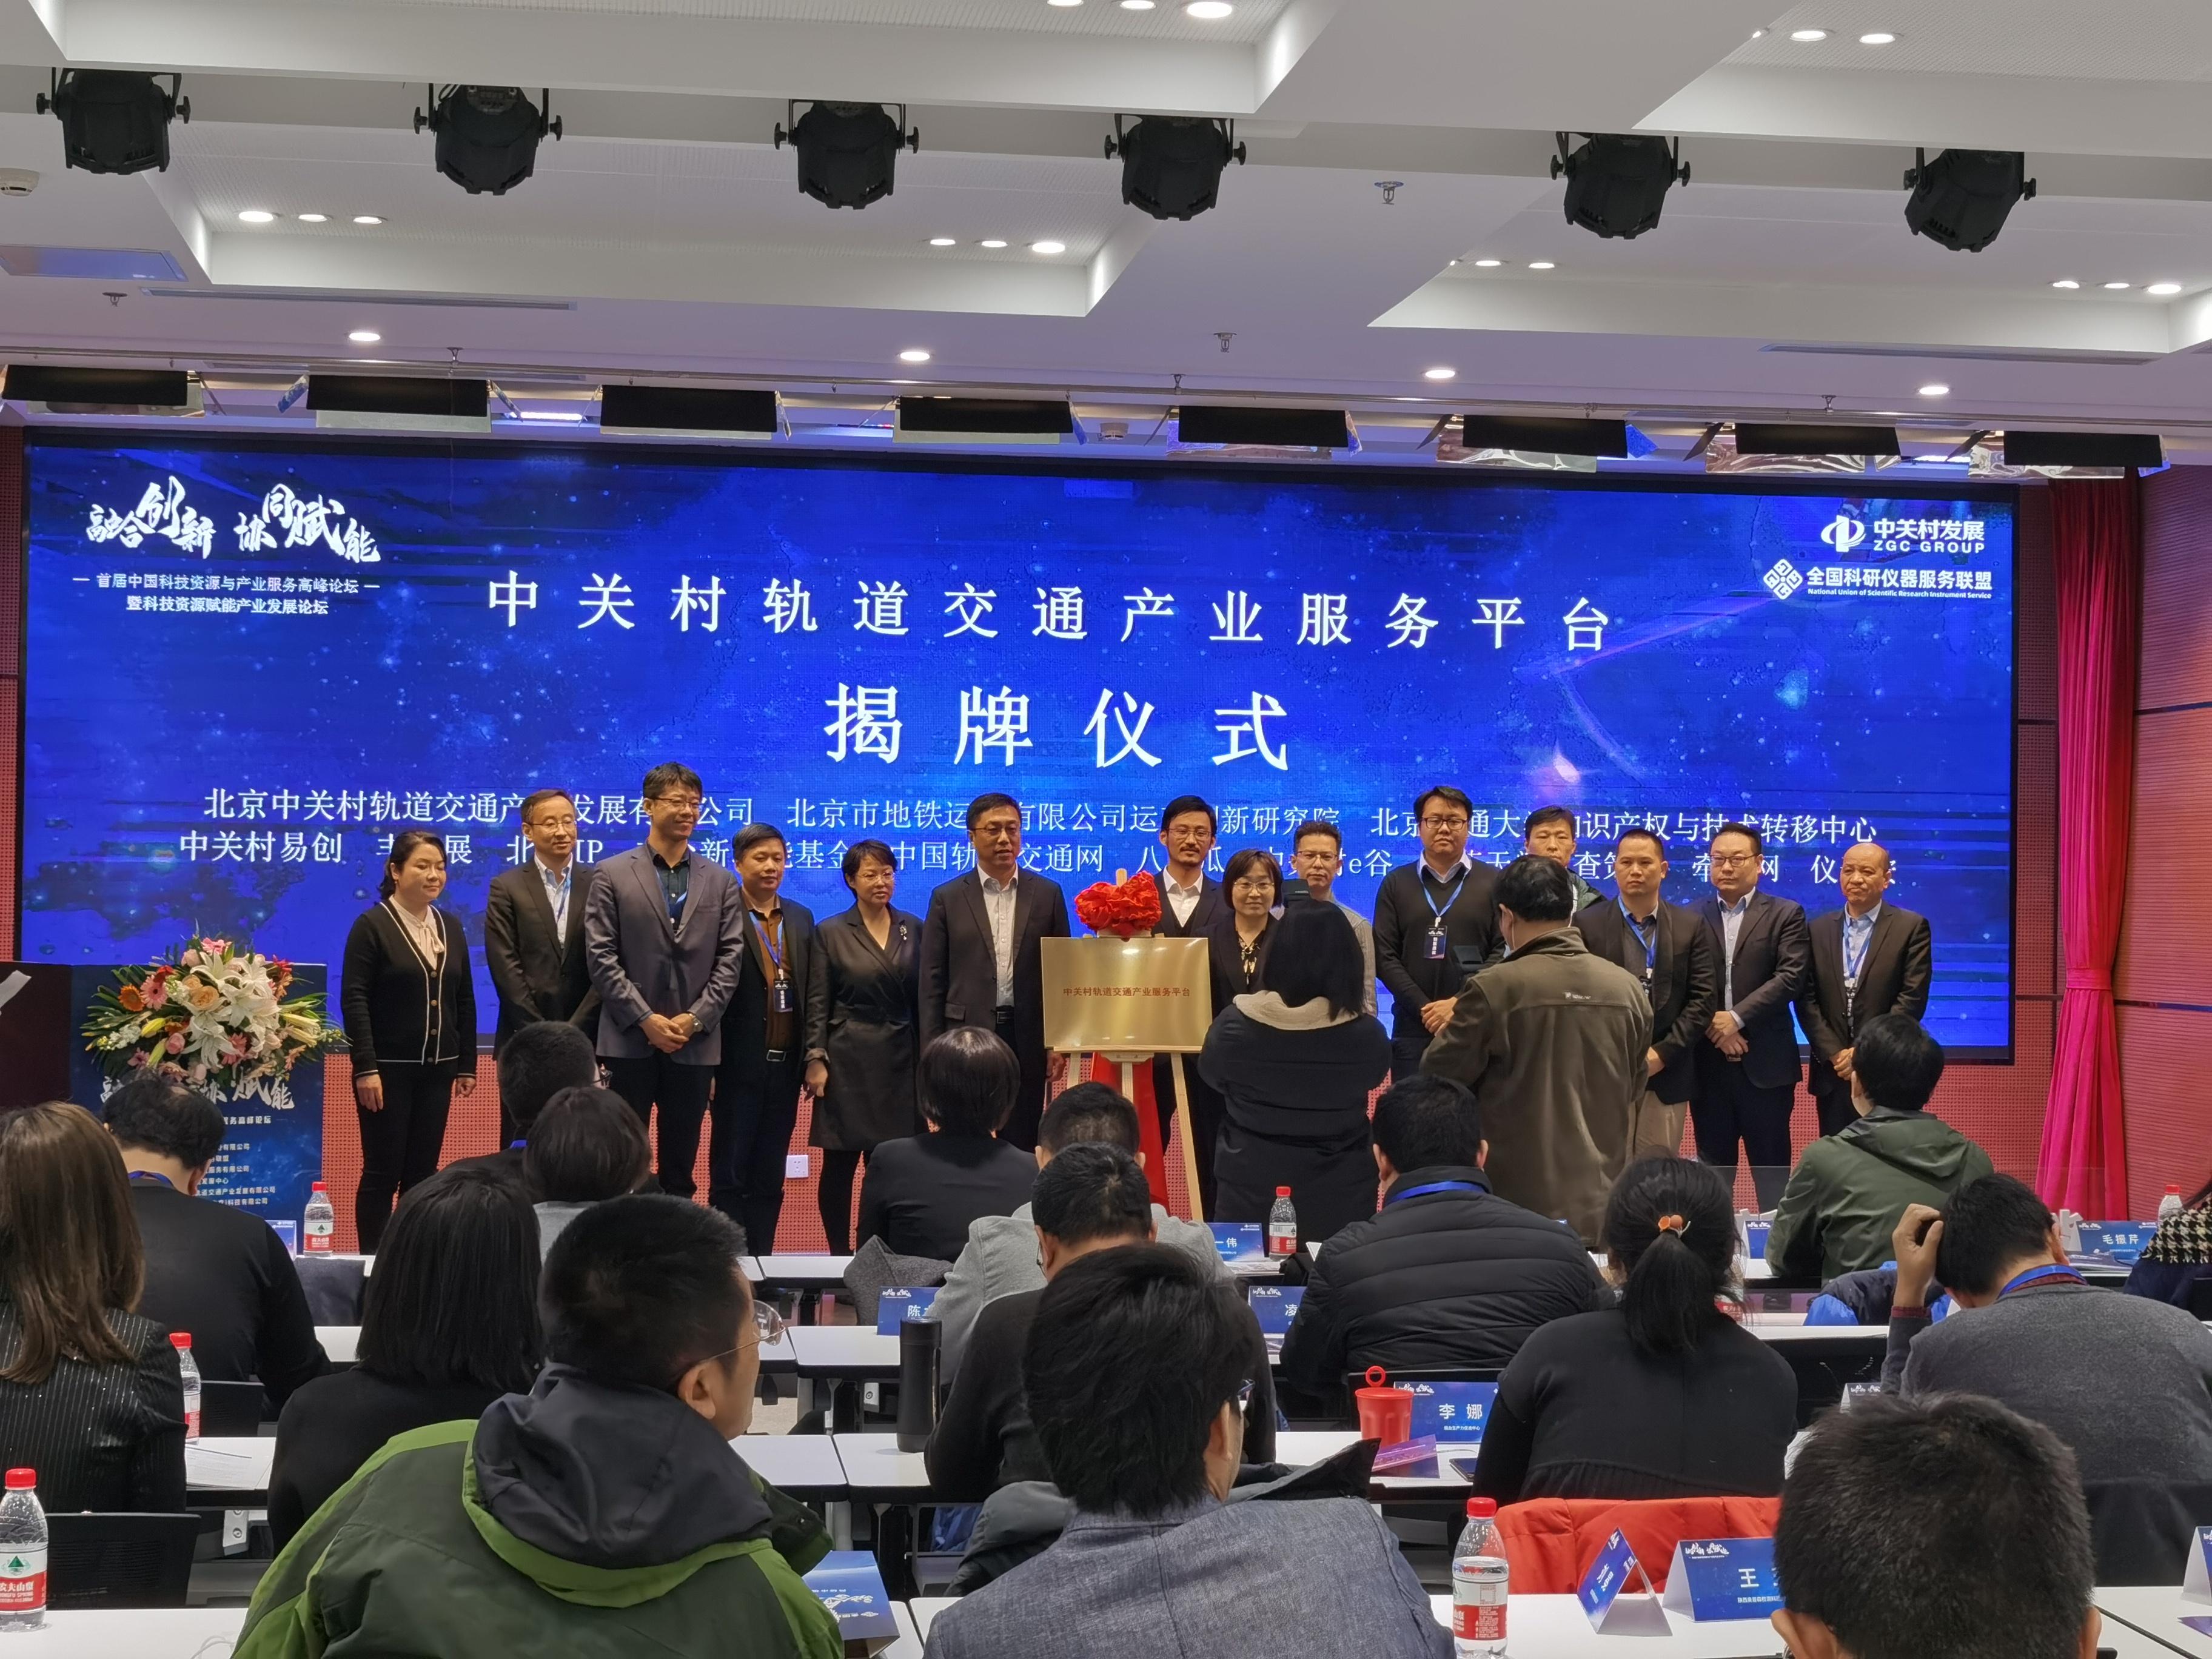 中关村轨道交通产业服务平台揭牌仪式